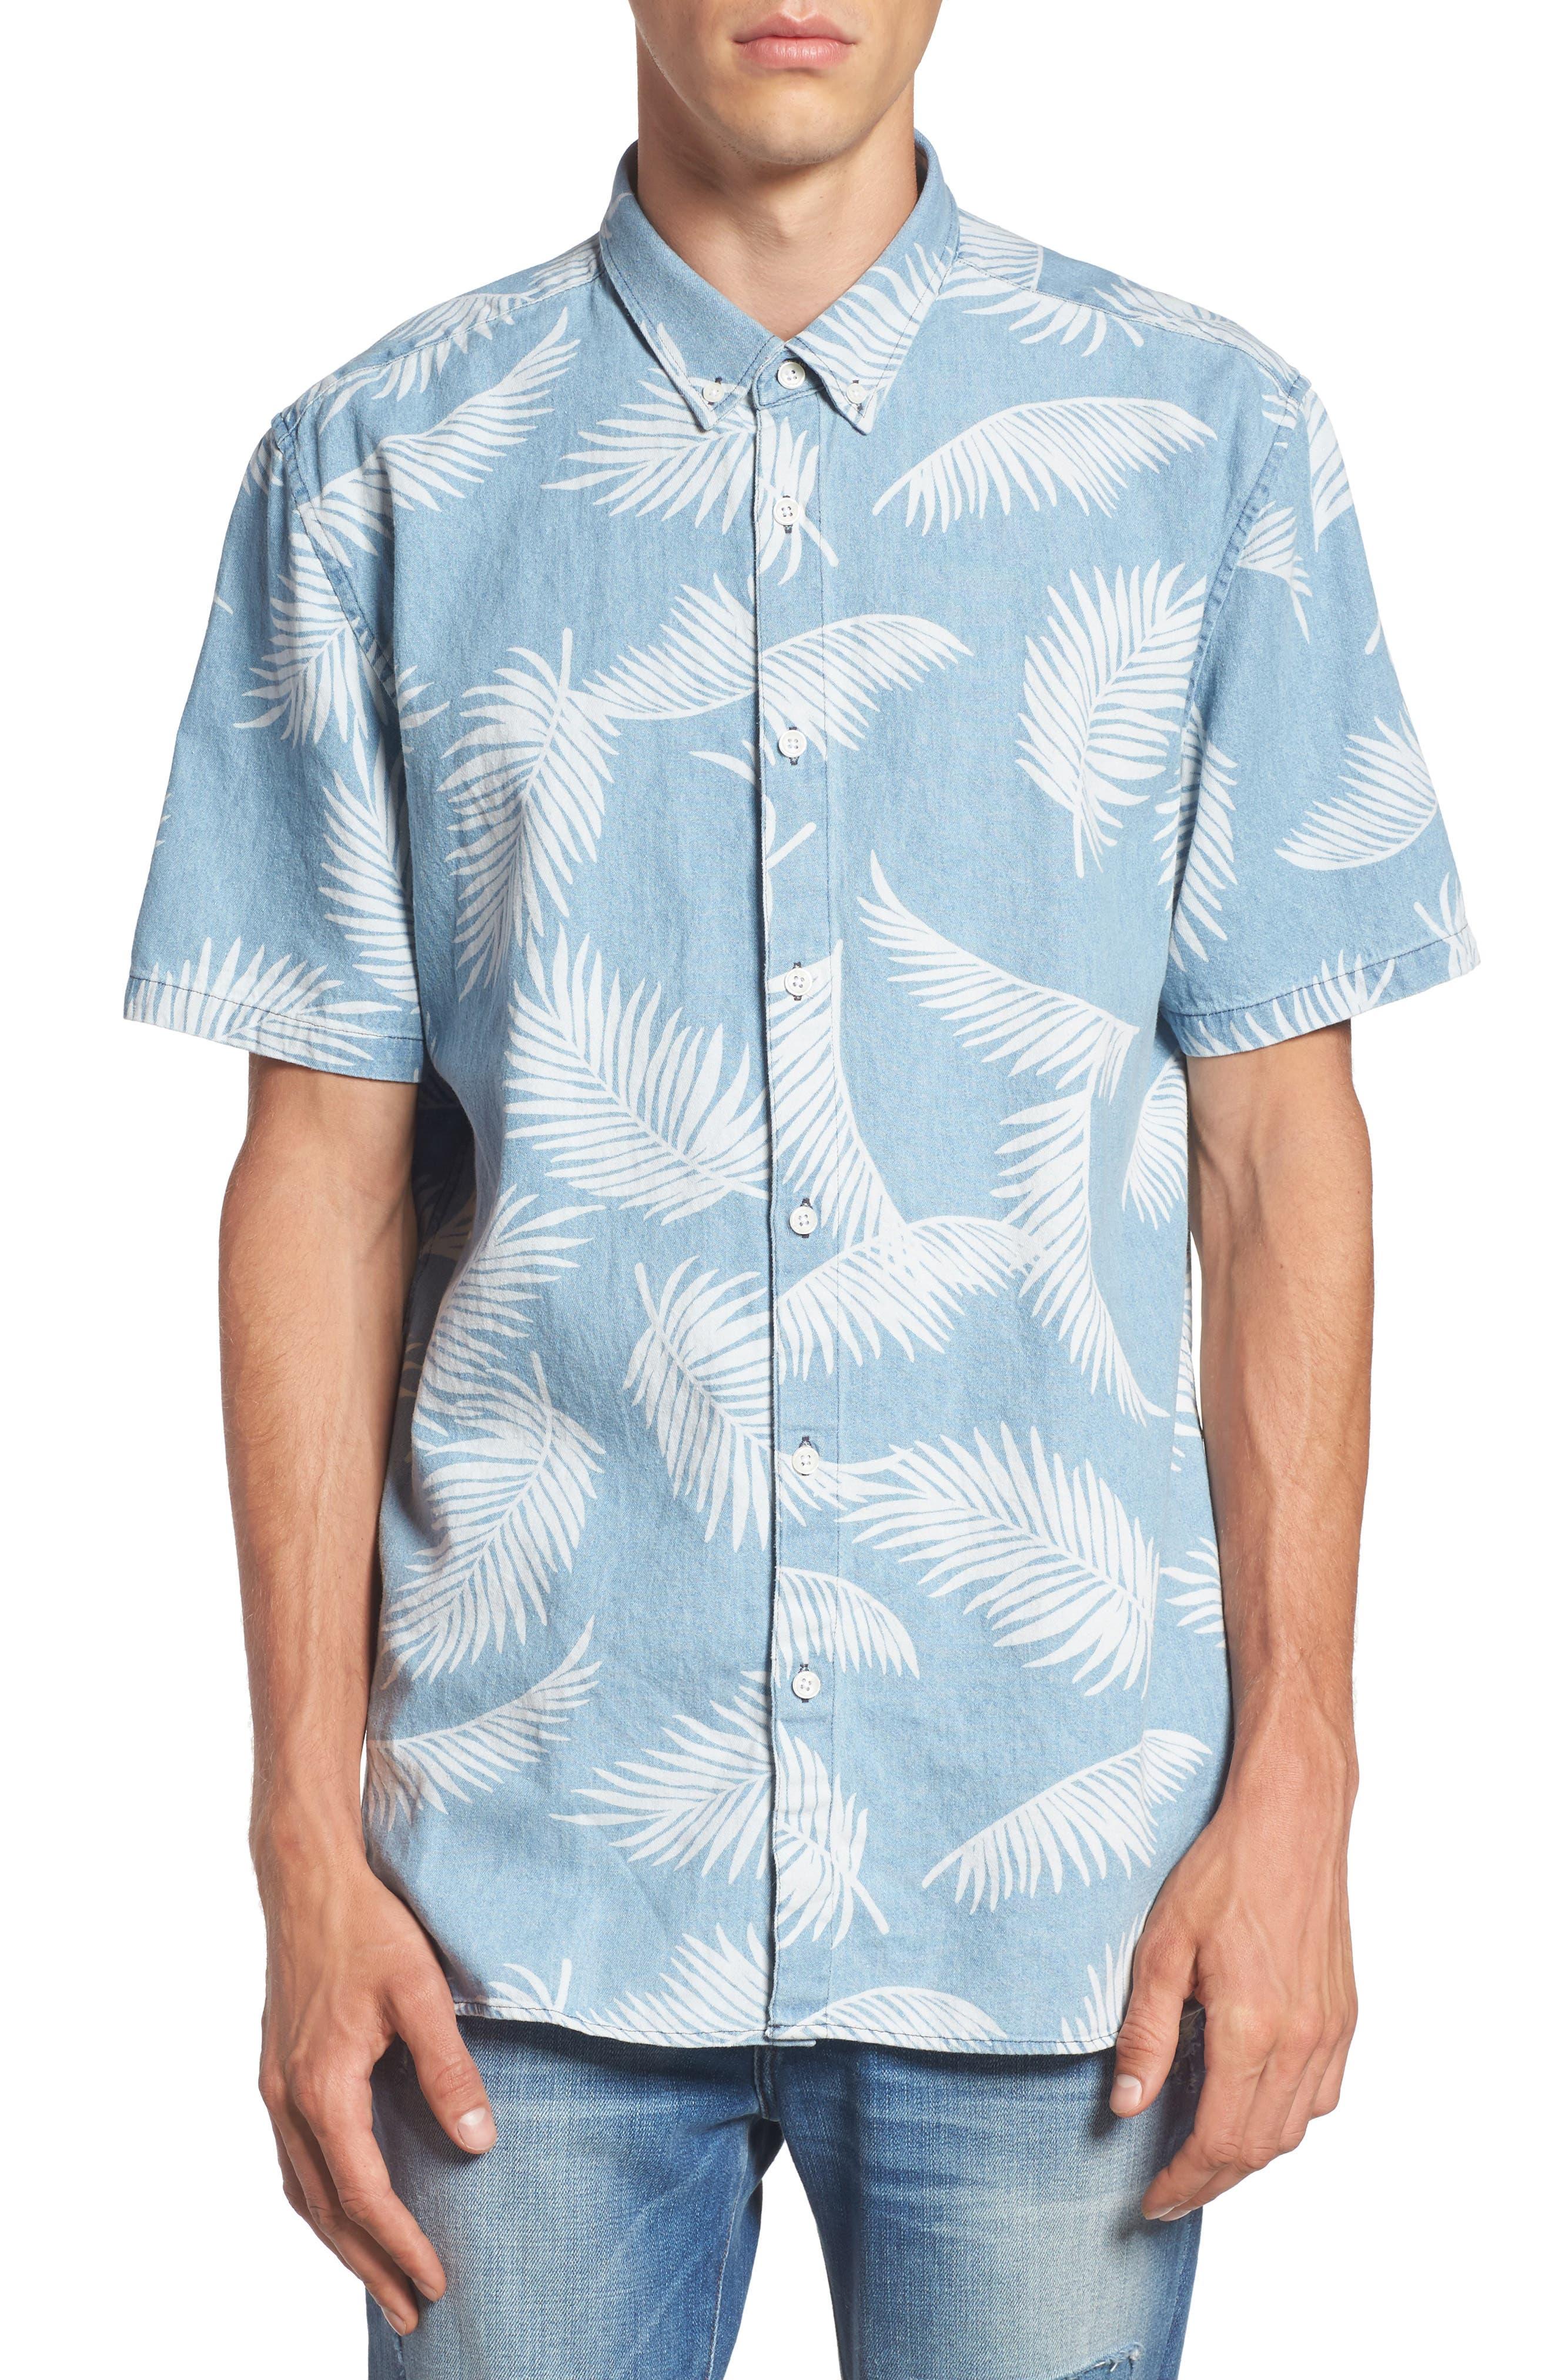 Barney Cools Bahamas Shirt